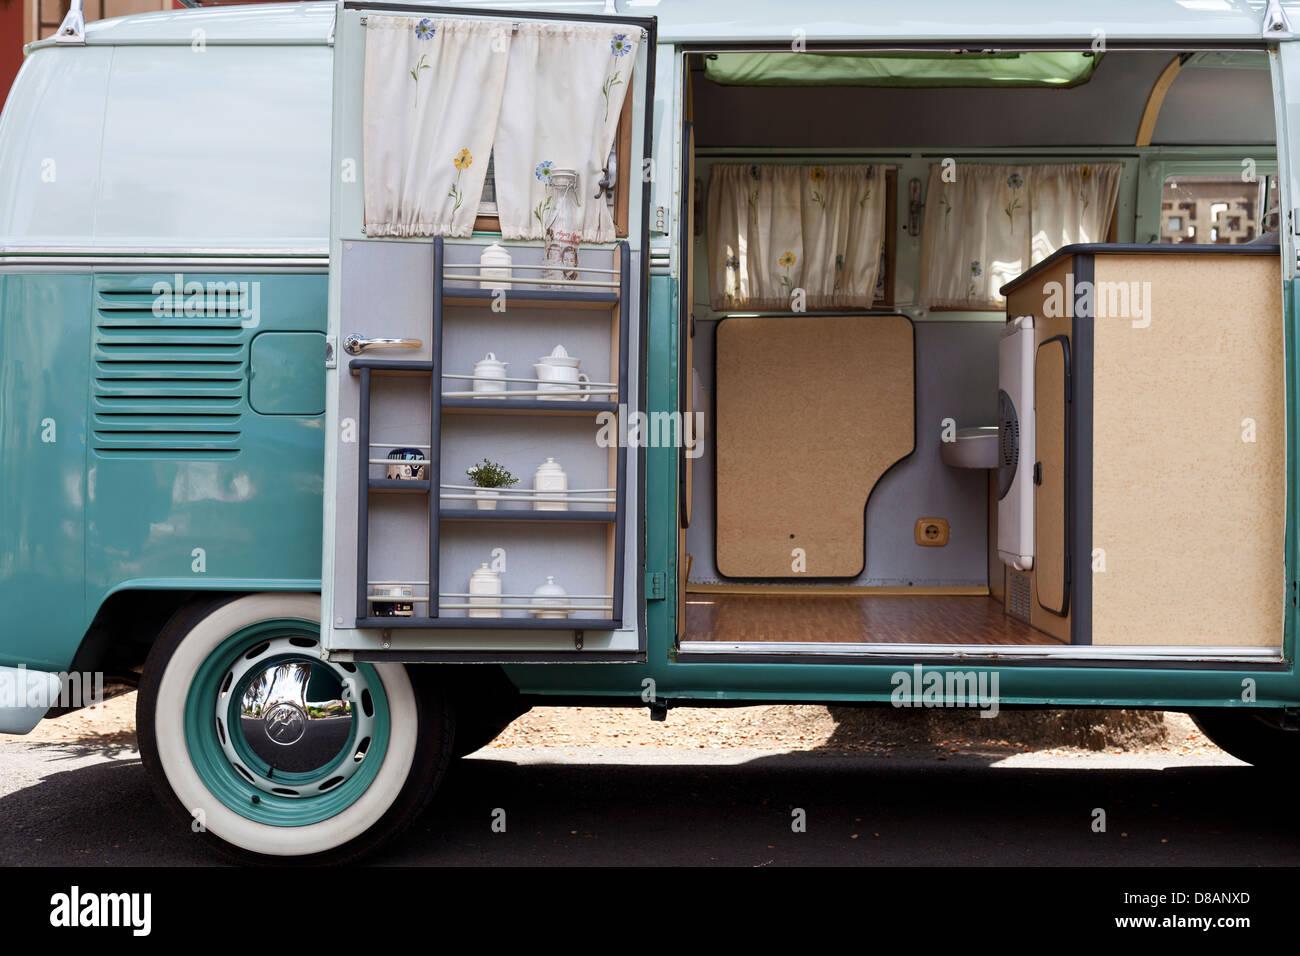 Side view with open door of a Volkswagen VW campervan - Stock Image